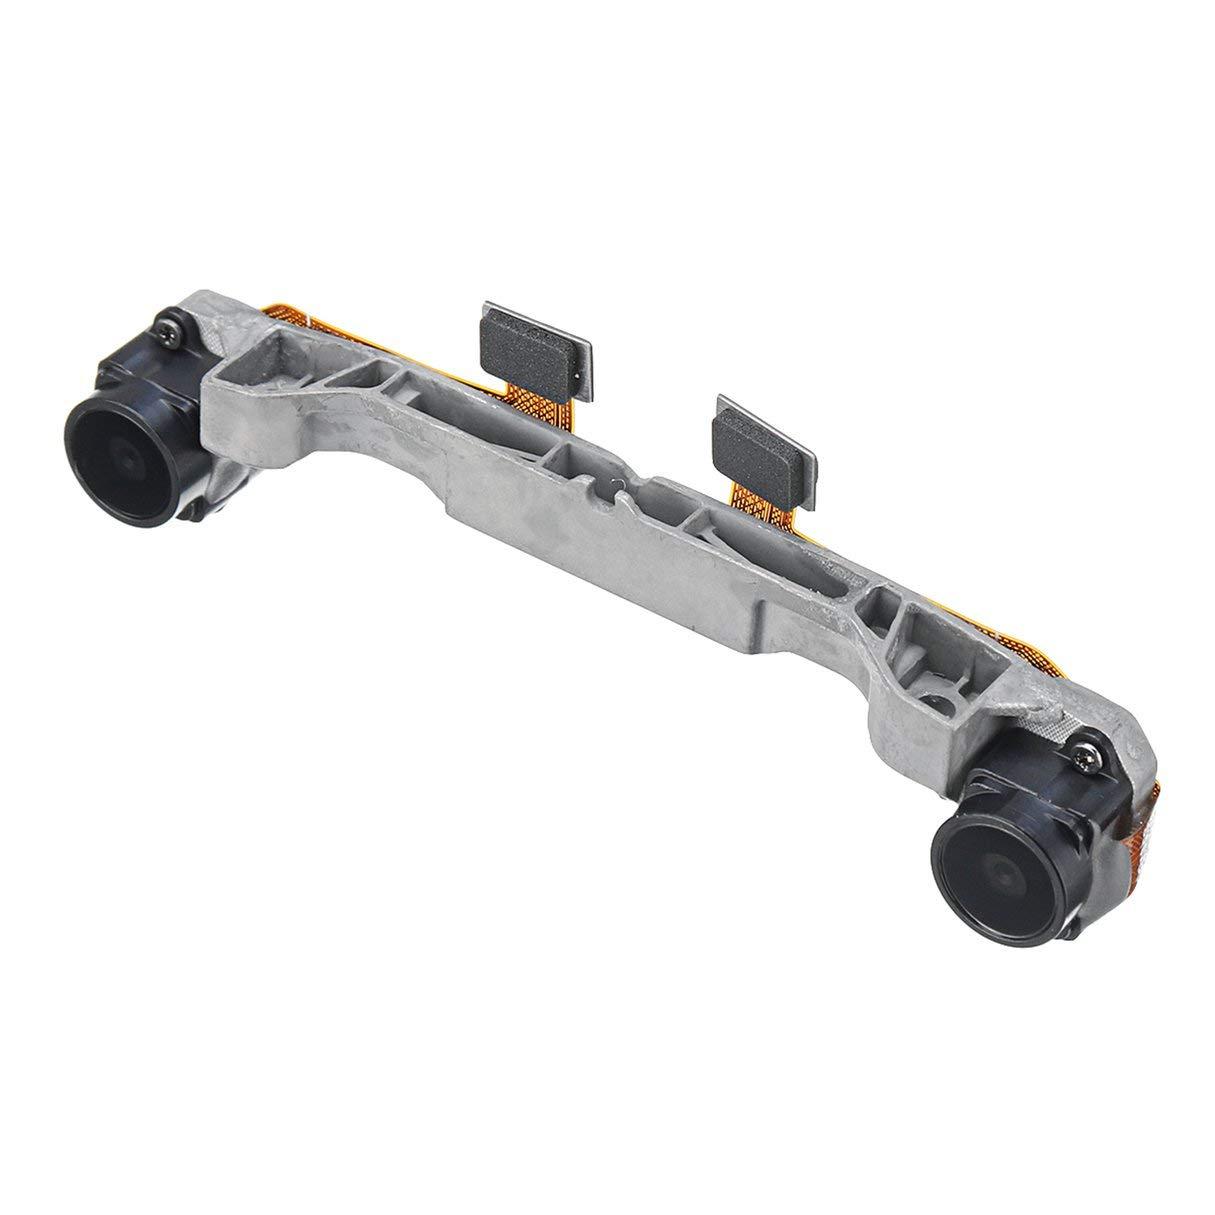 Wafalano para dji Mavic Pro Drone Visión Frontal Sensores de posición VPM VPS Adelante